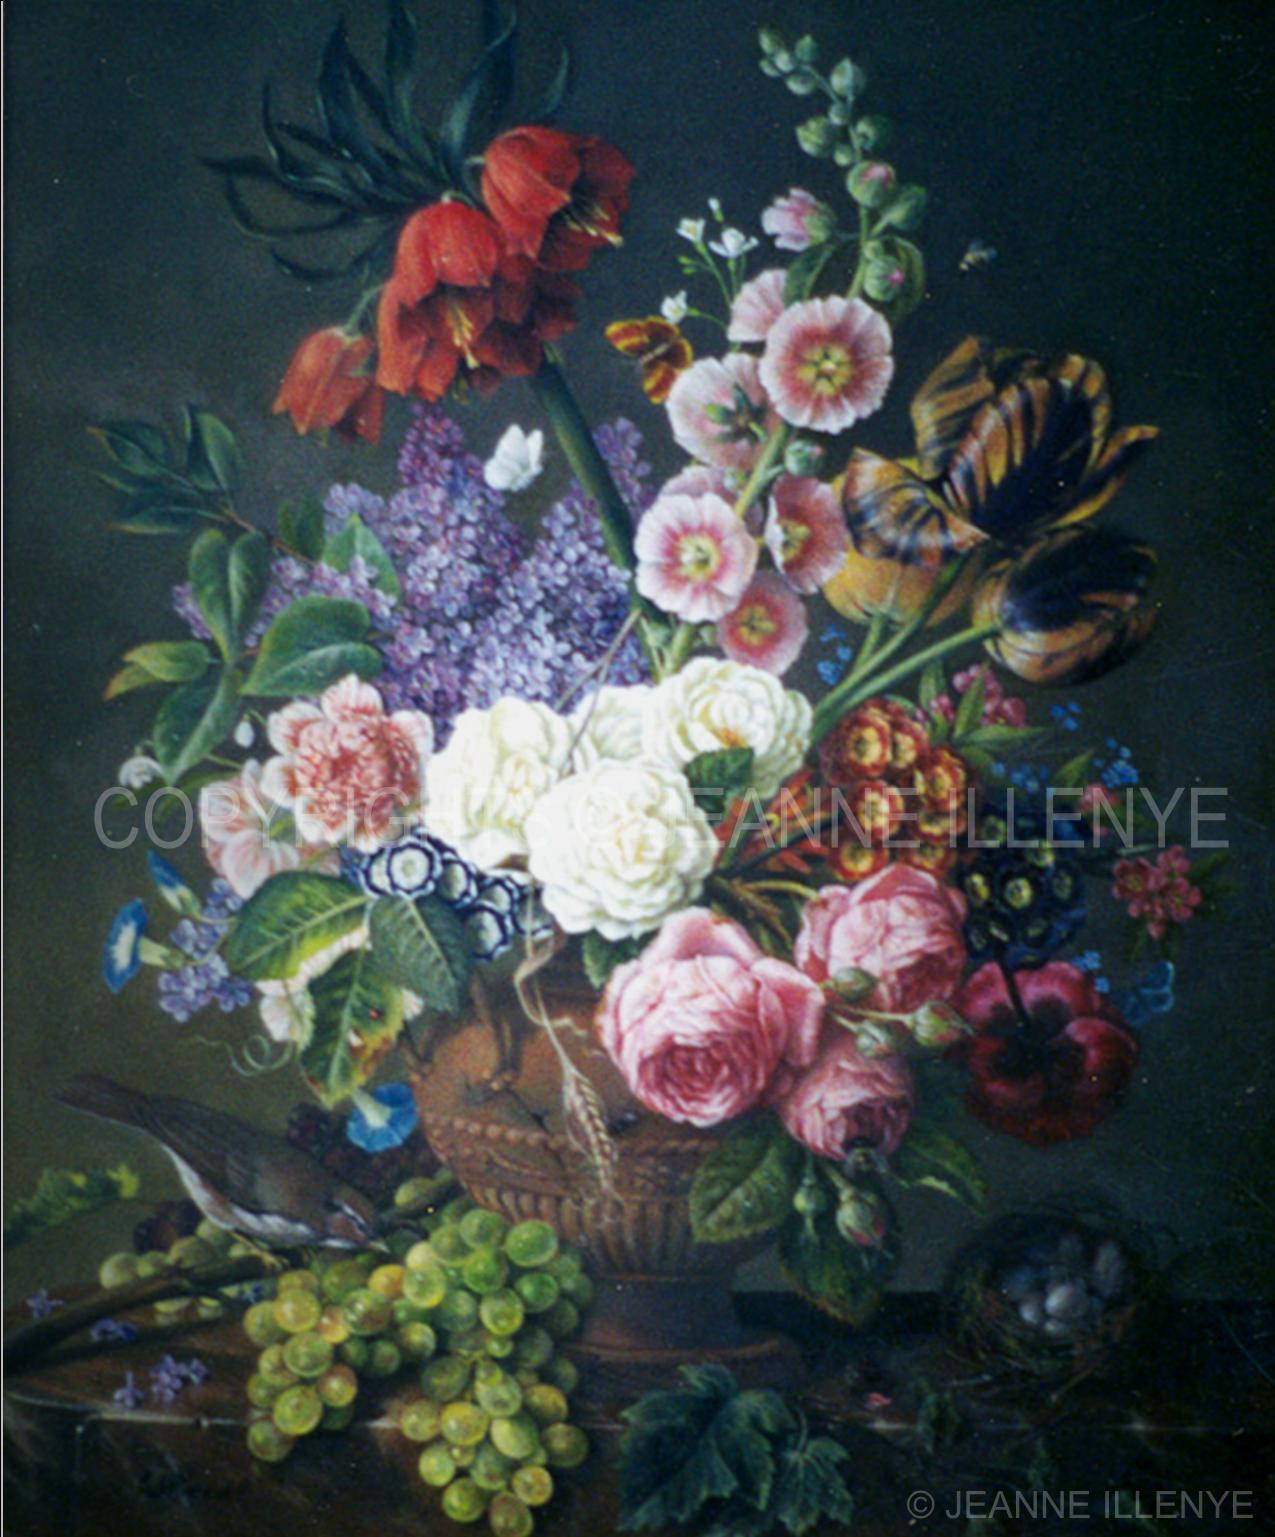 http://3.bp.blogspot.com/-yhYKG2XCWjc/UE5OlKnpe0I/AAAAAAAAF8s/IQ8QQtfqPP4/s1600/eternal+spring+30x24.jpg